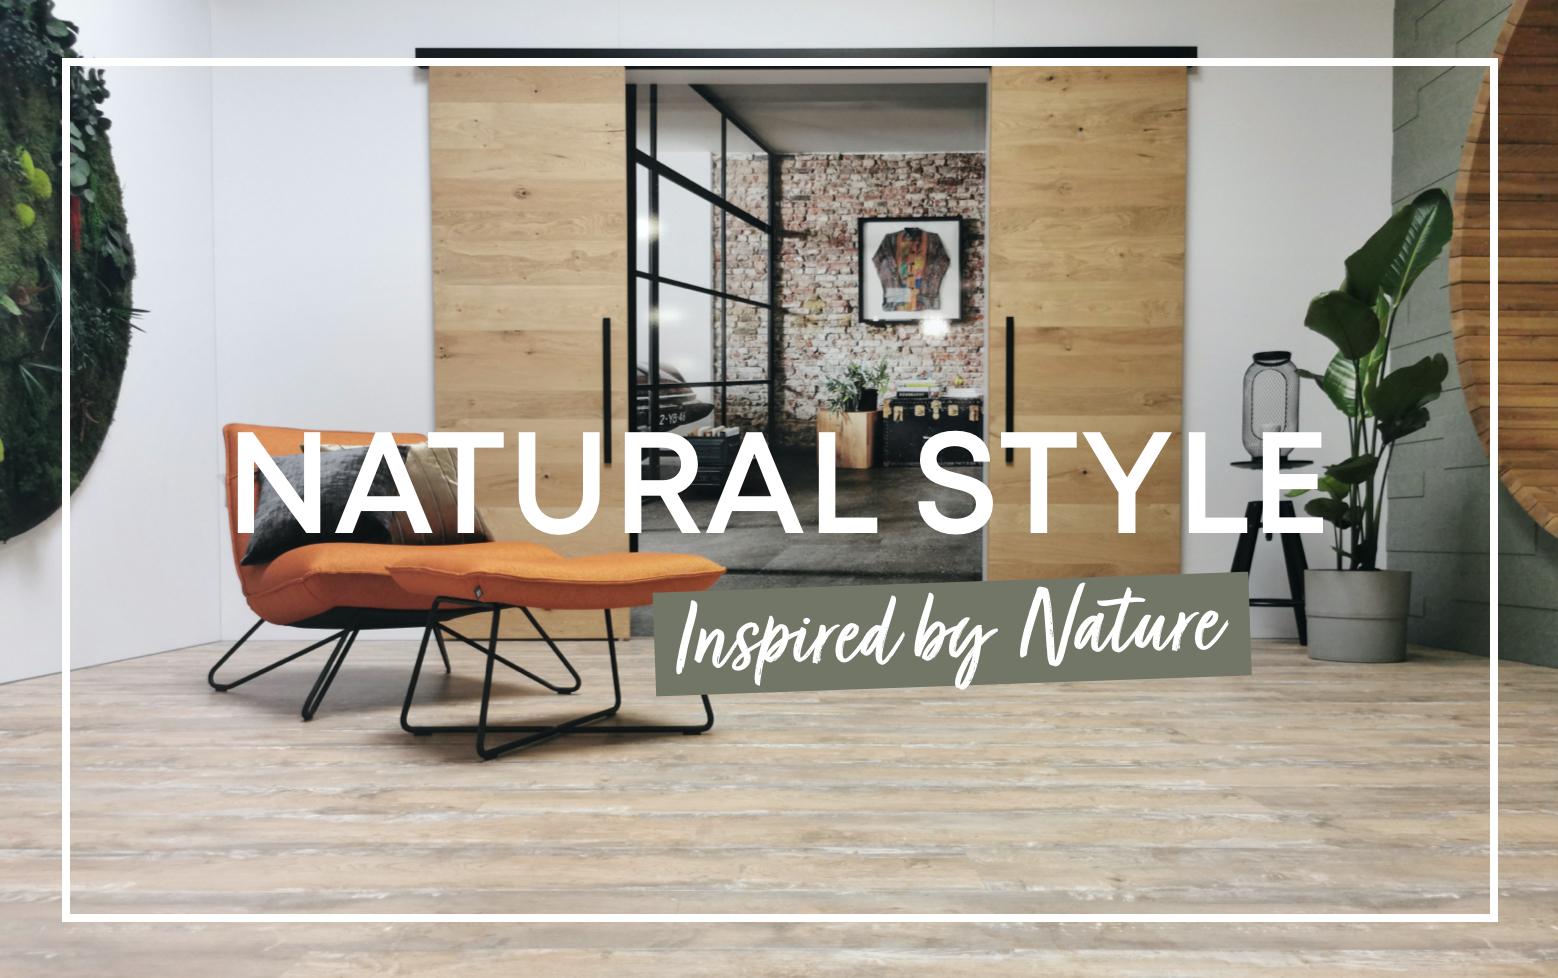 Wohnstile: Natural Style | Holz-Hauff in Leingarten